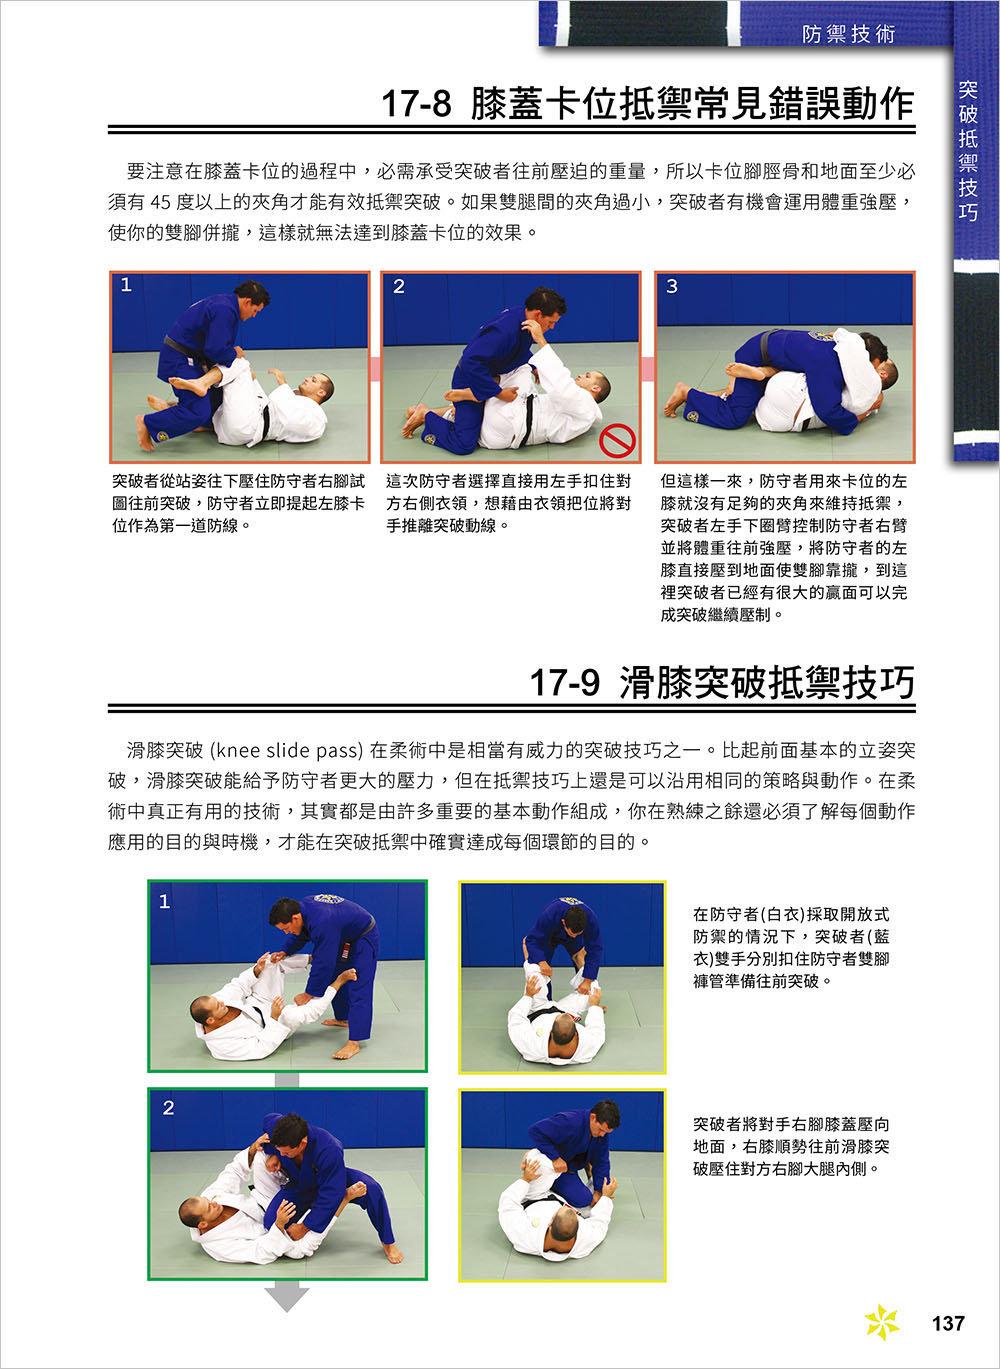 JIU-JITSU University 巴西柔術教本-preview-7